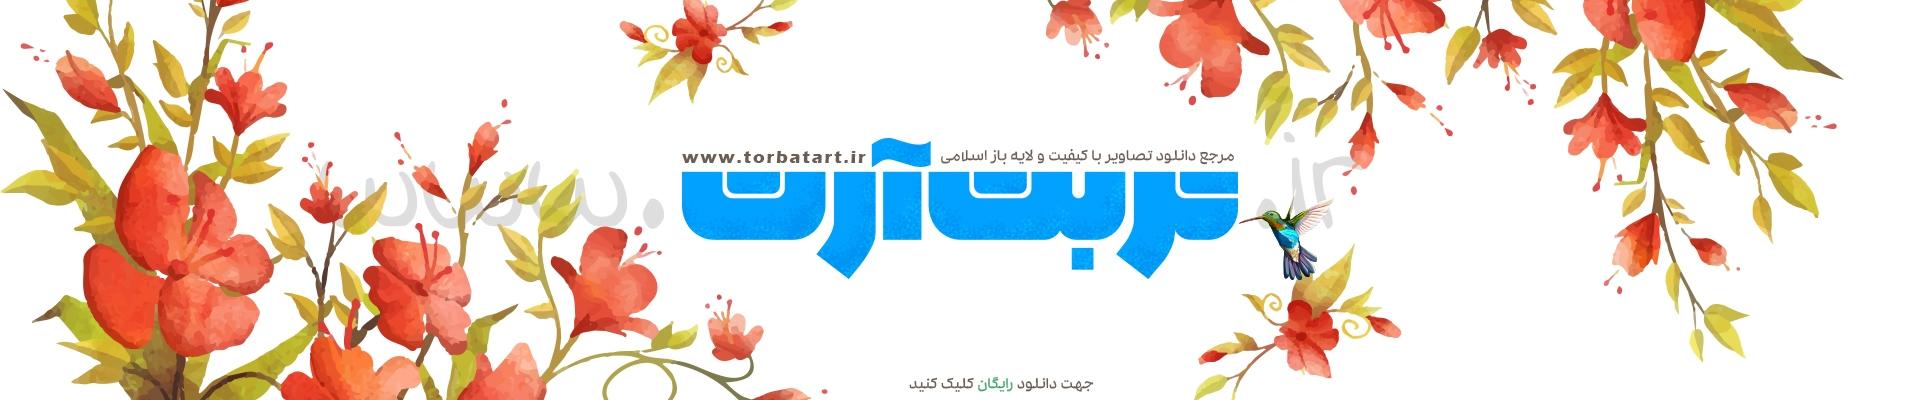 www.torbatart.ir